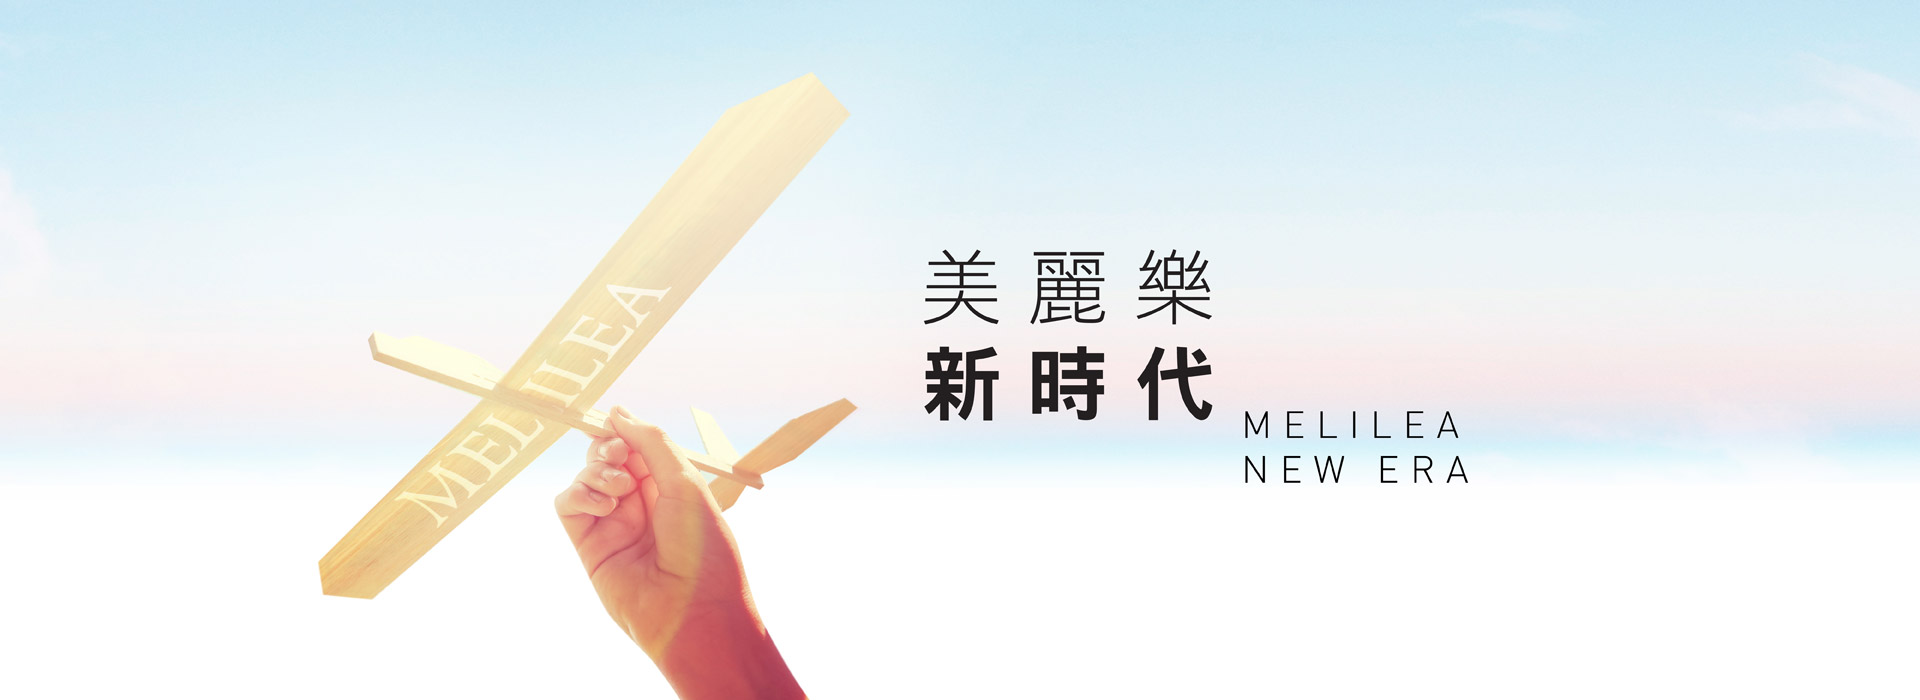 M-TW-Web-Banner-01_OP-01